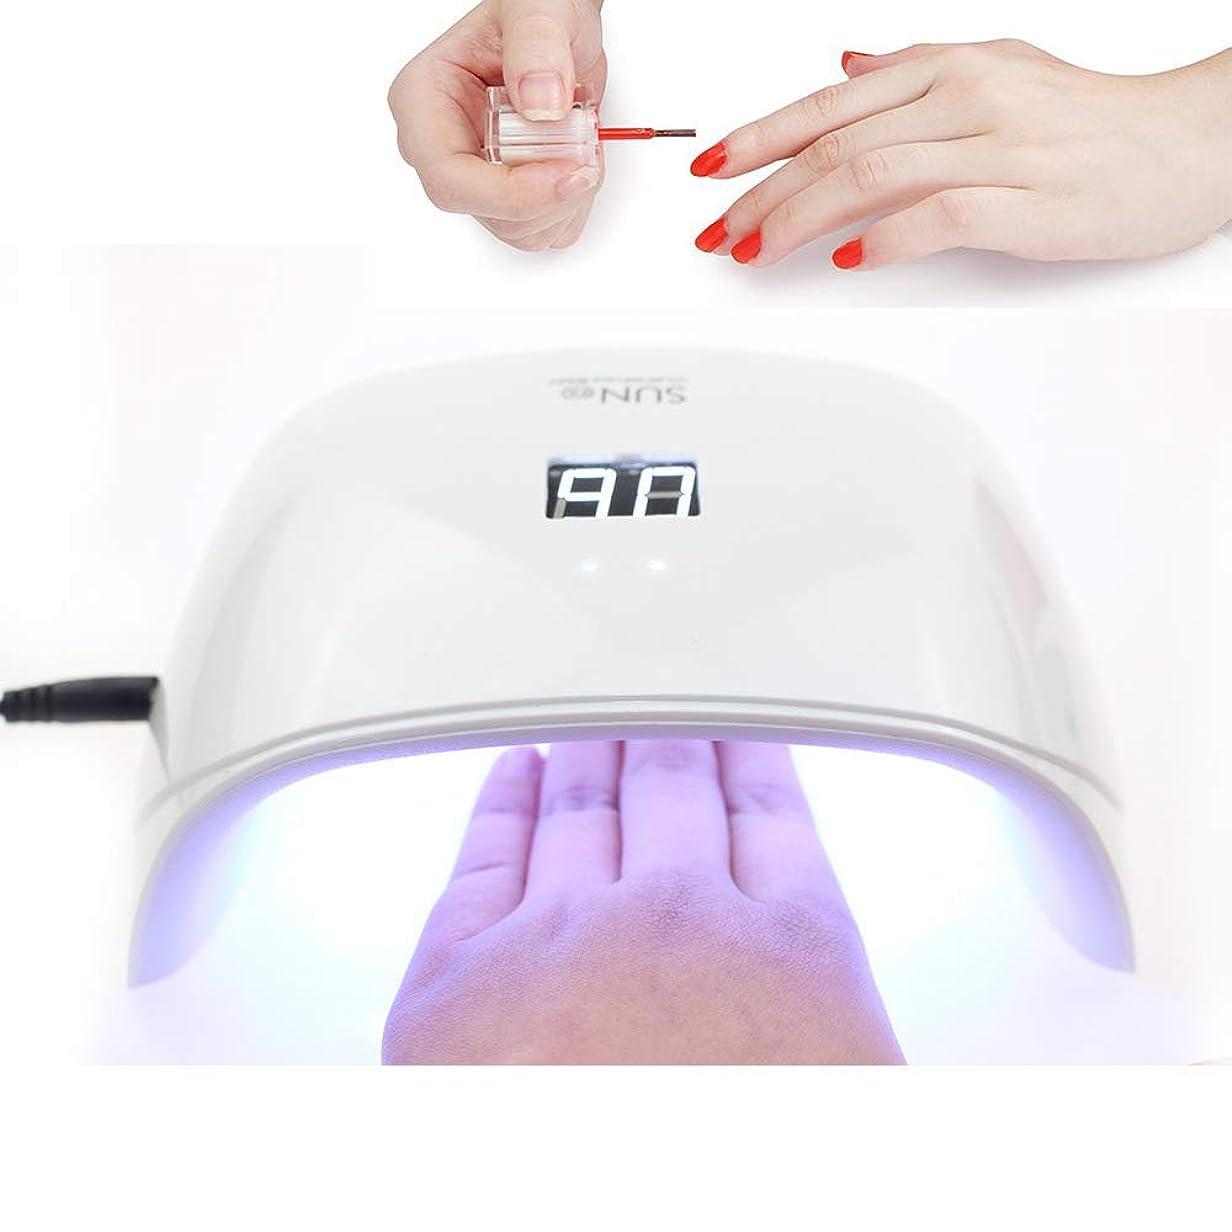 クックエントリコンパクトネイル用ランプジェルポリッシュランプ18W LED自動センサーネイルライトネイル硬化ジェルUV LEDランプ付きタイマーデバイス、ホワイト